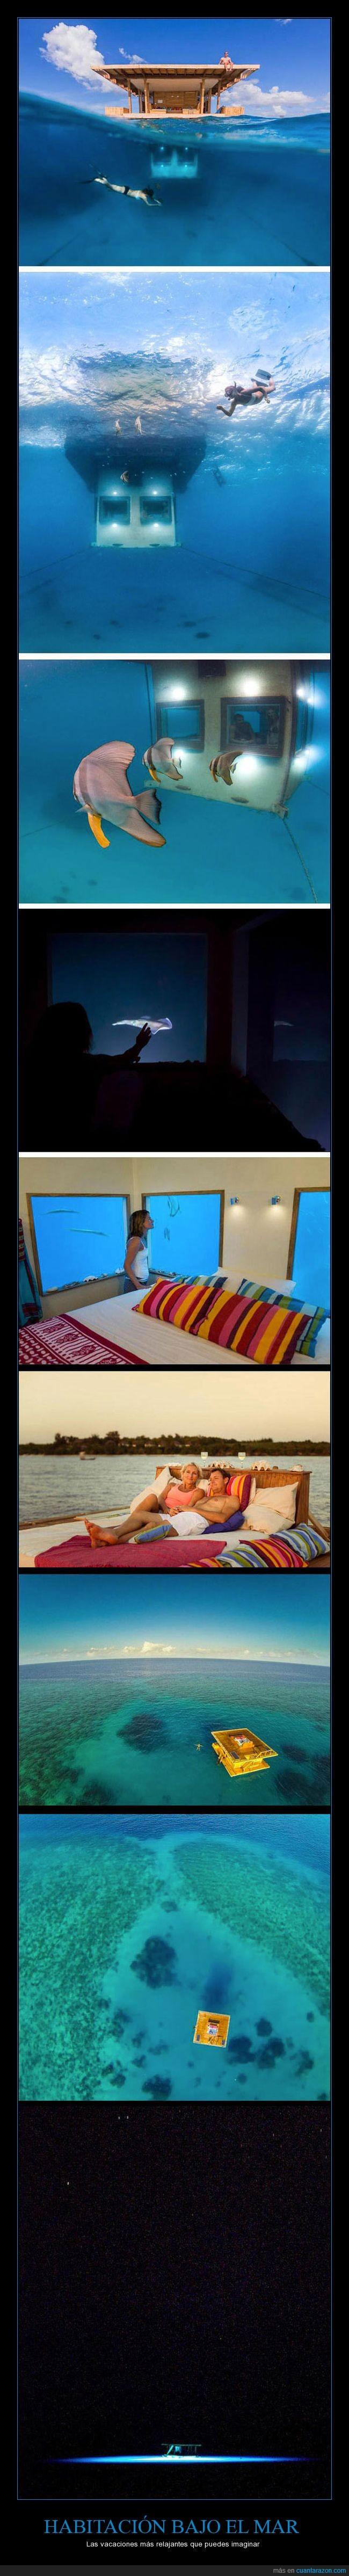 agua,habitación,hotel,mar